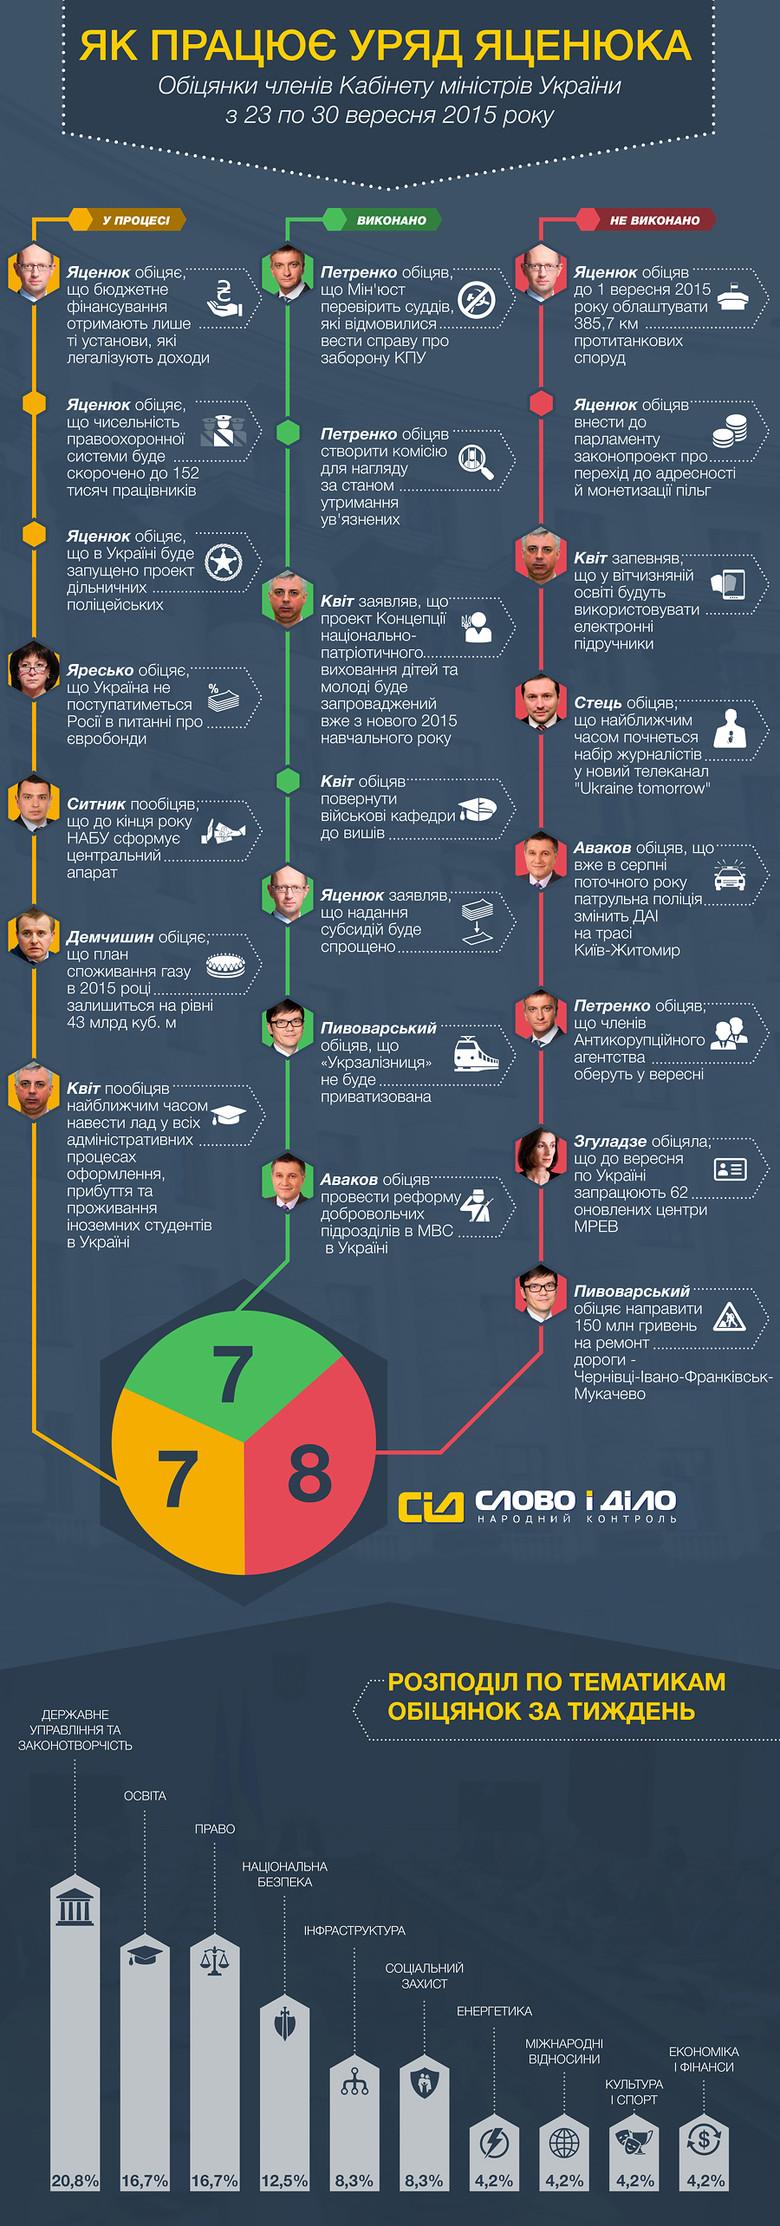 Система народного контролю «Слово і Діло» продовжує моніторинг цікавих обіцянок Кабінету міністрів України.